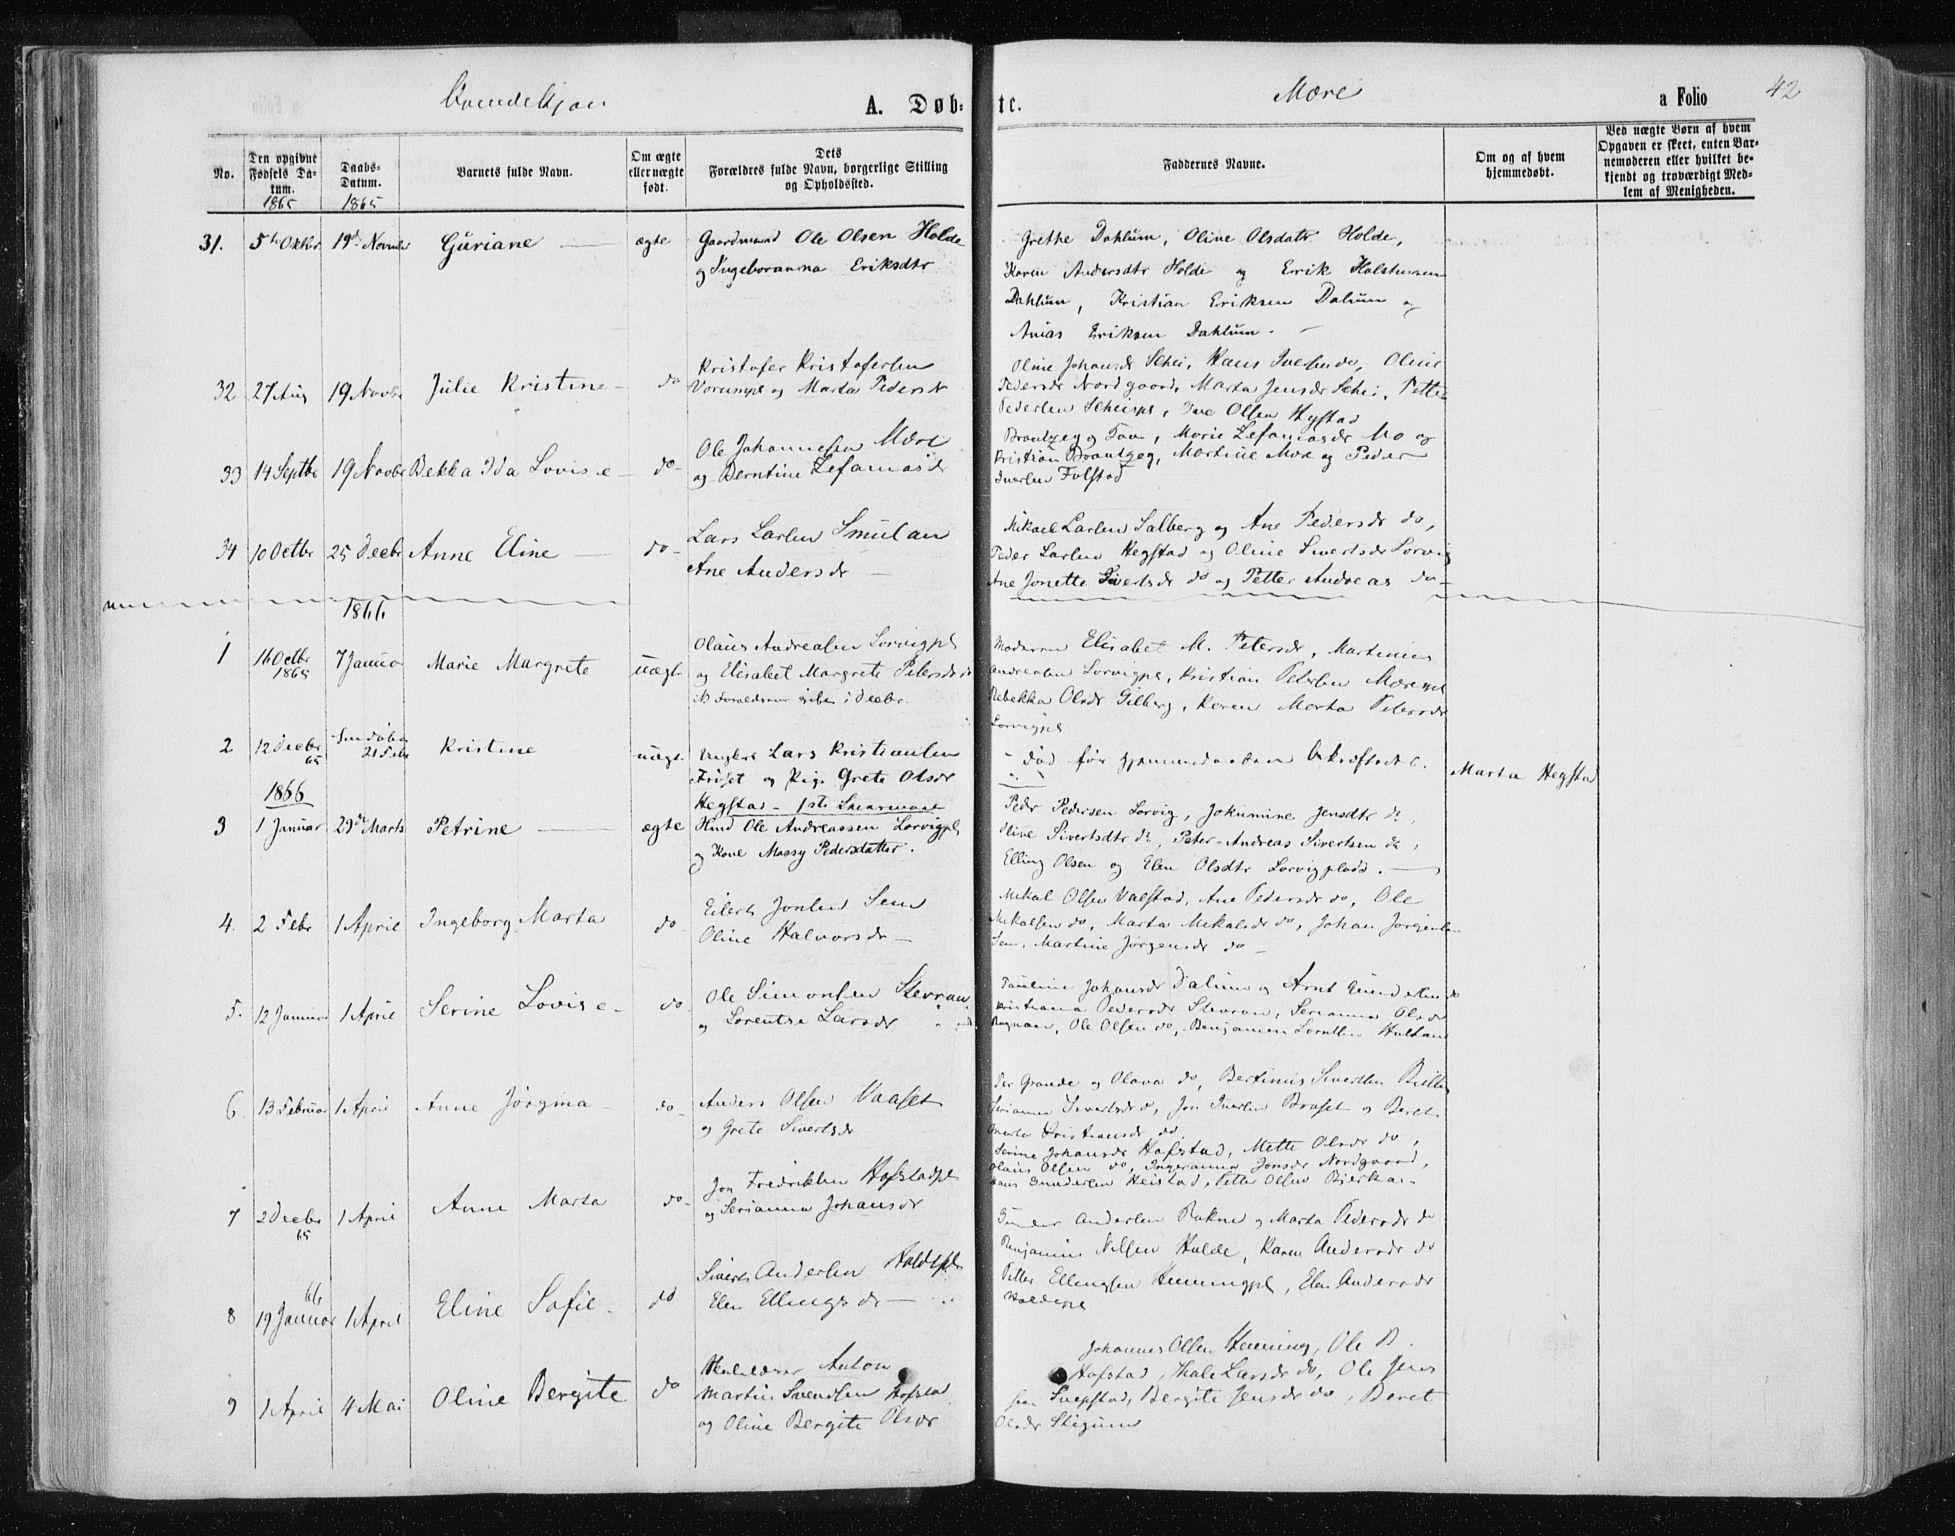 SAT, Ministerialprotokoller, klokkerbøker og fødselsregistre - Nord-Trøndelag, 735/L0345: Ministerialbok nr. 735A08 /1, 1863-1872, s. 42